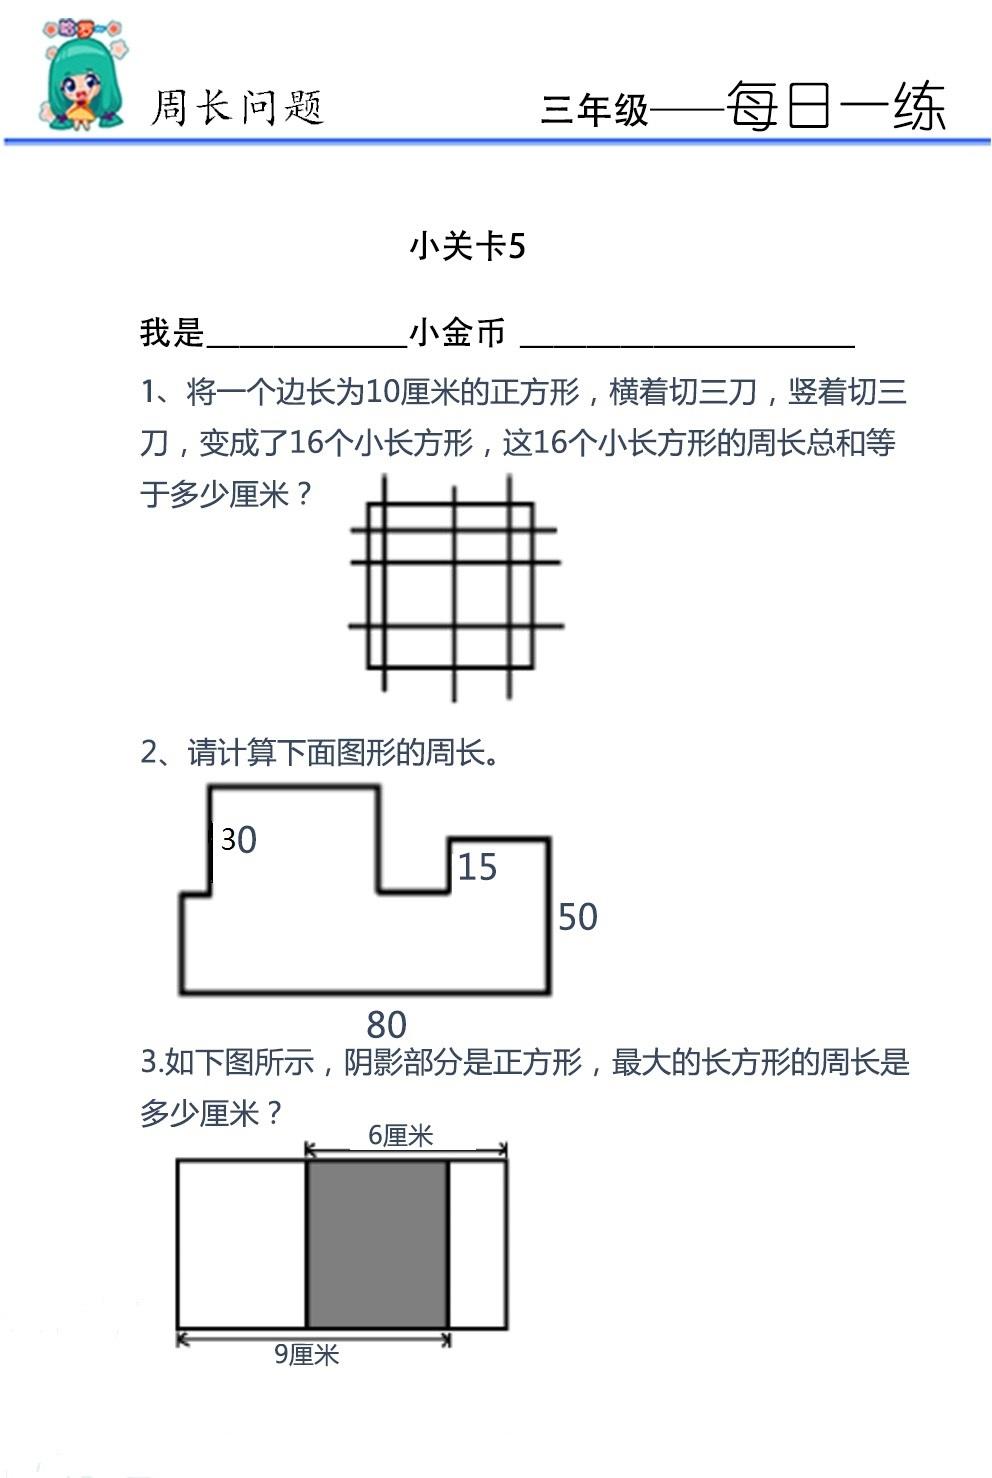 周长问题小关卡5.jpg